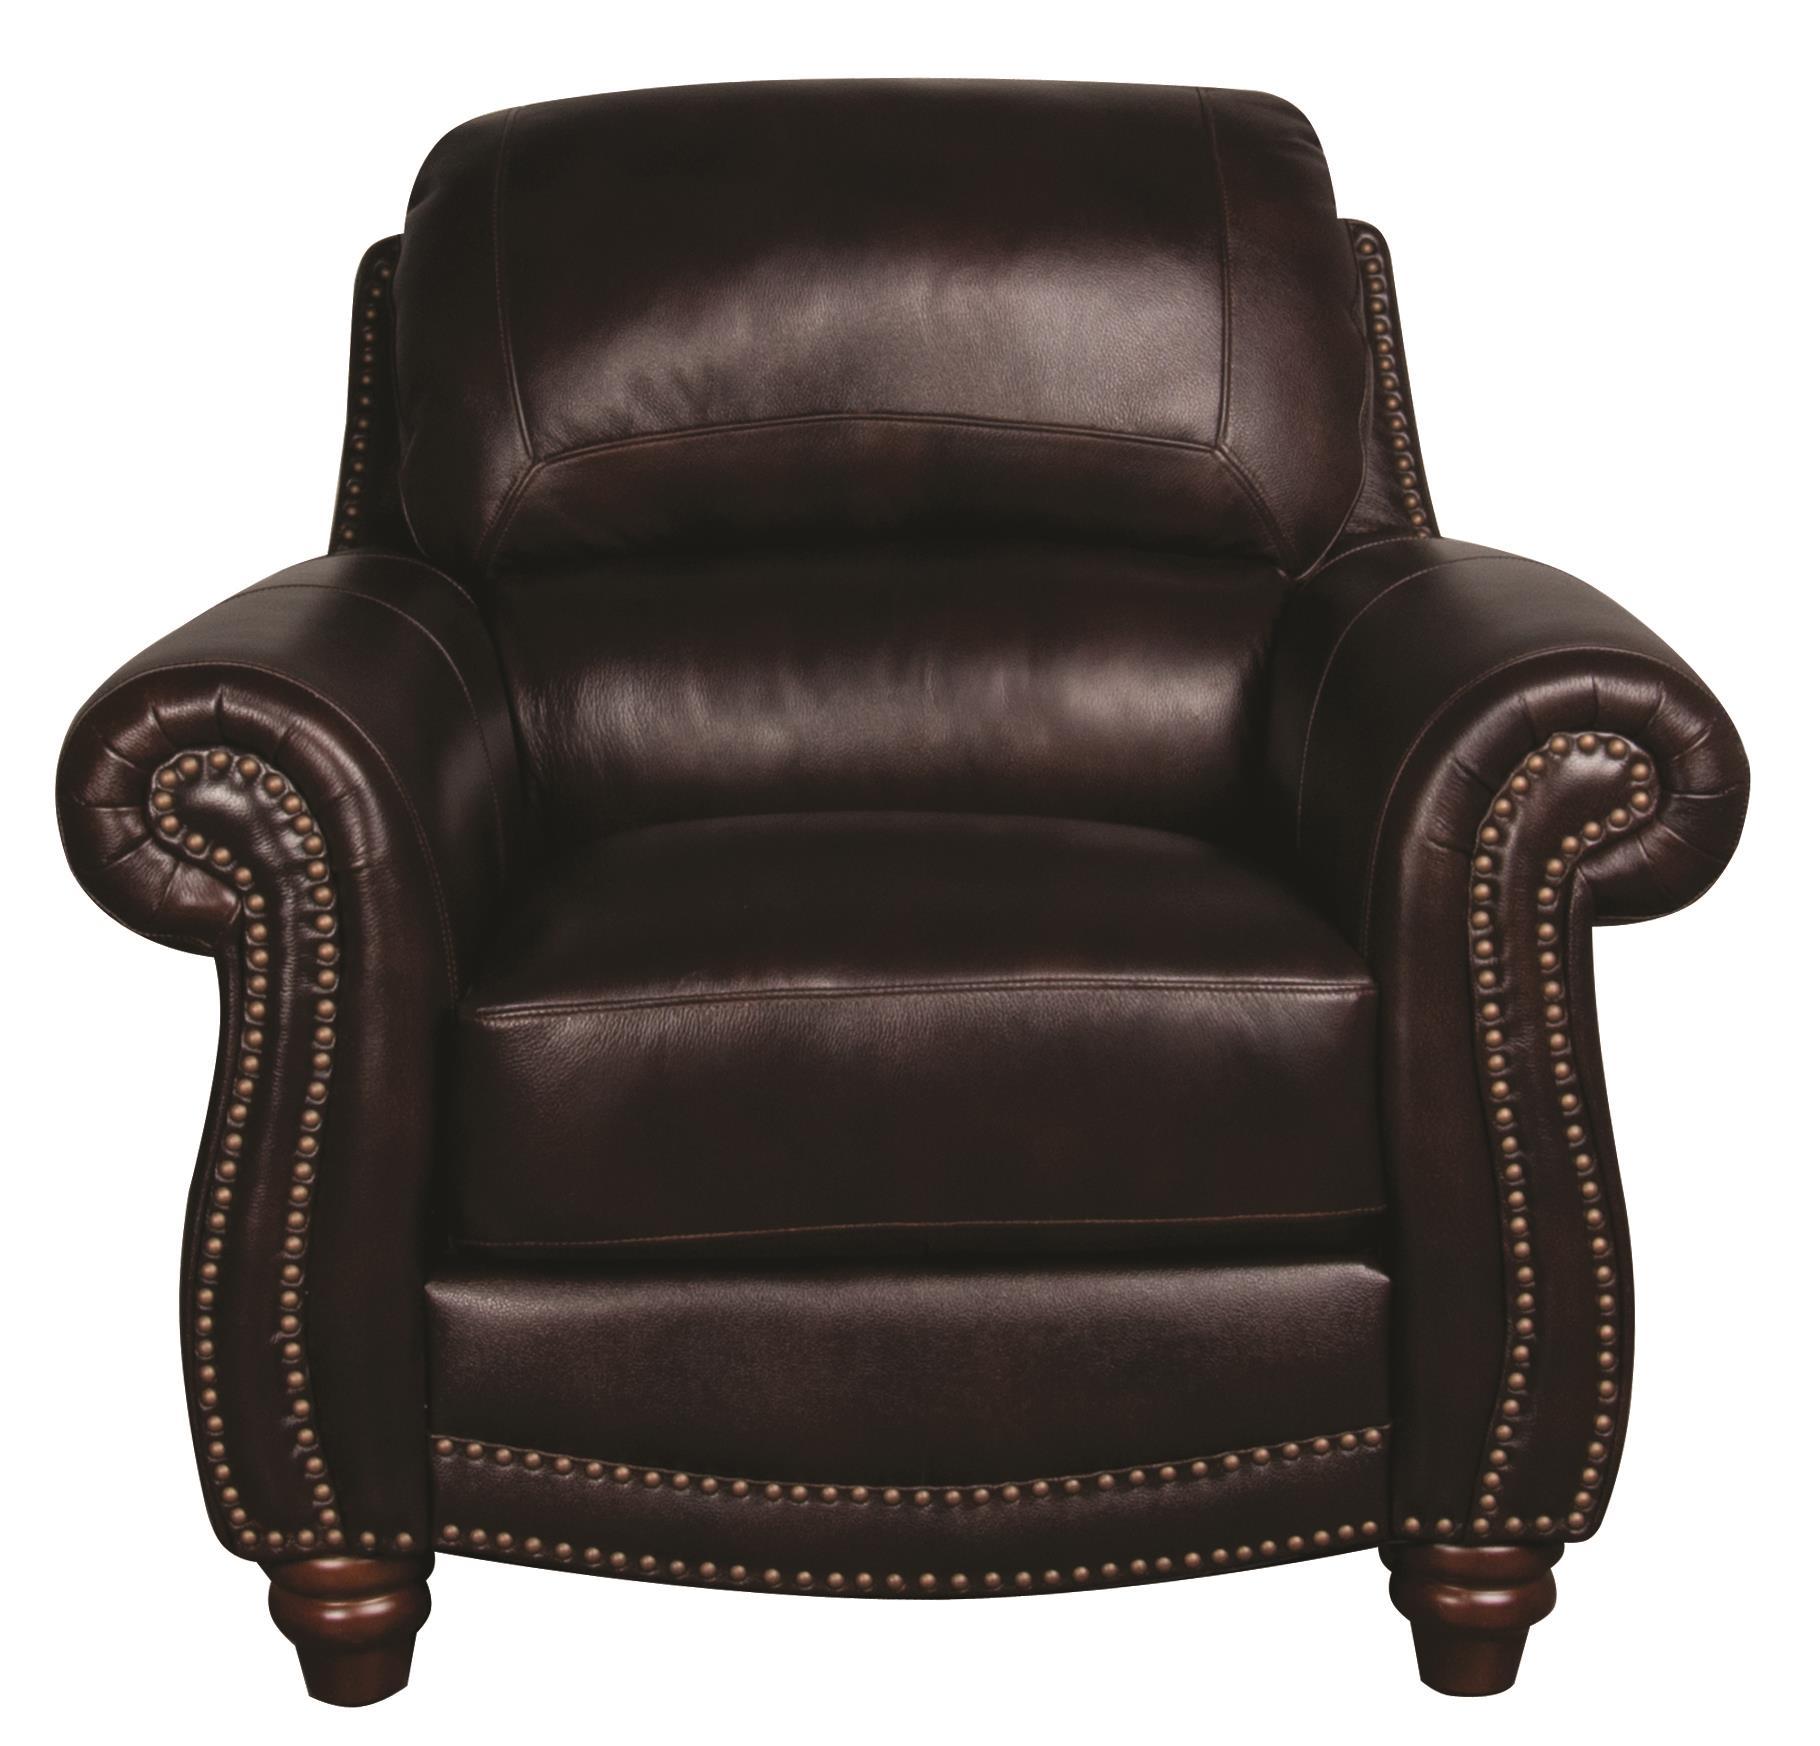 Morris Home Furnishings Amari Amari 100% Leather Chair - Item Number: 651392731